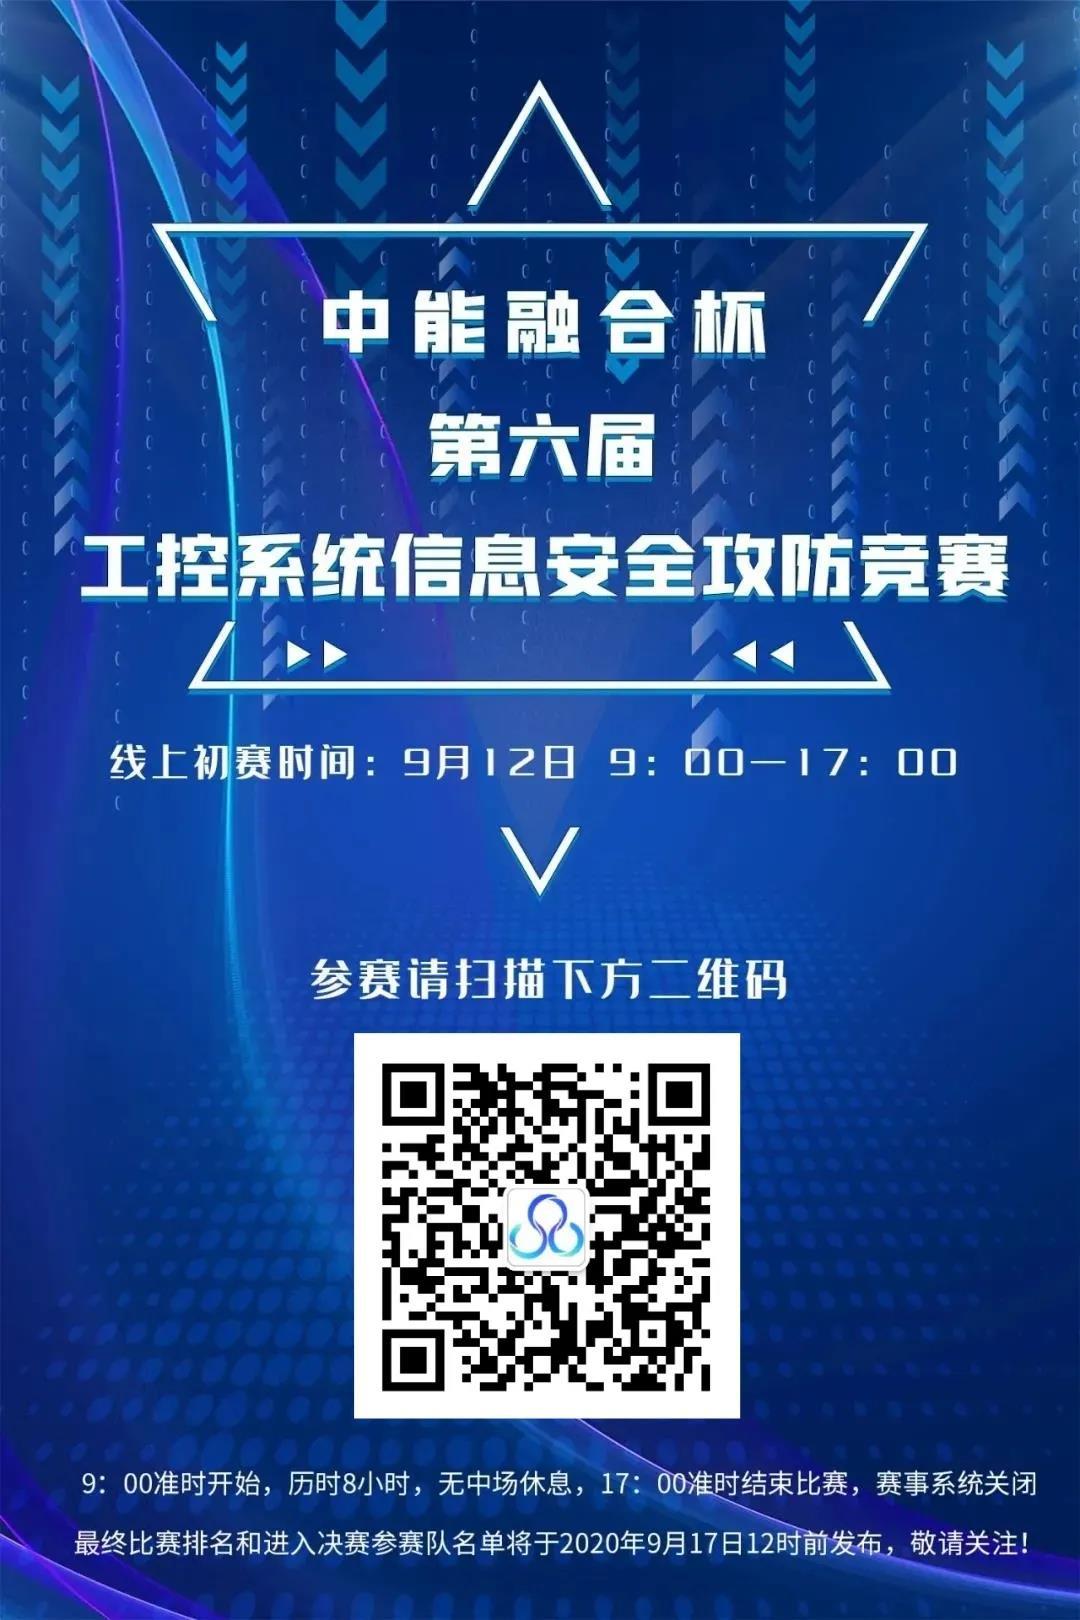 珞安科技|第六届工控系统信息安全竞赛正式开启